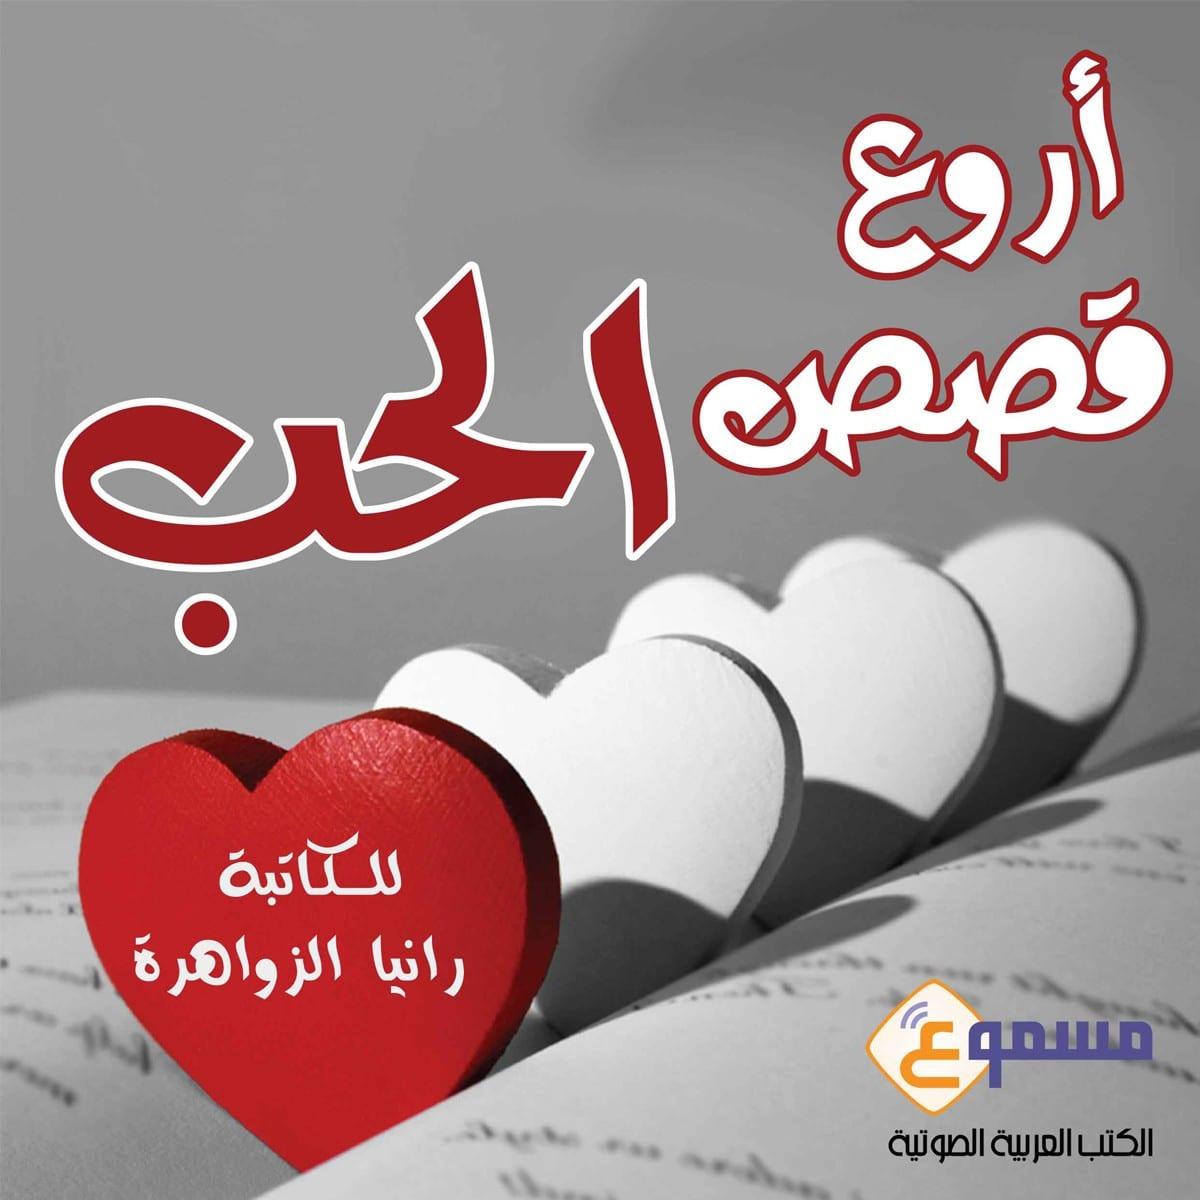 صورة قصة عشق حزينة ومؤلمة وتبكي الحجر قصص حزينة 2021